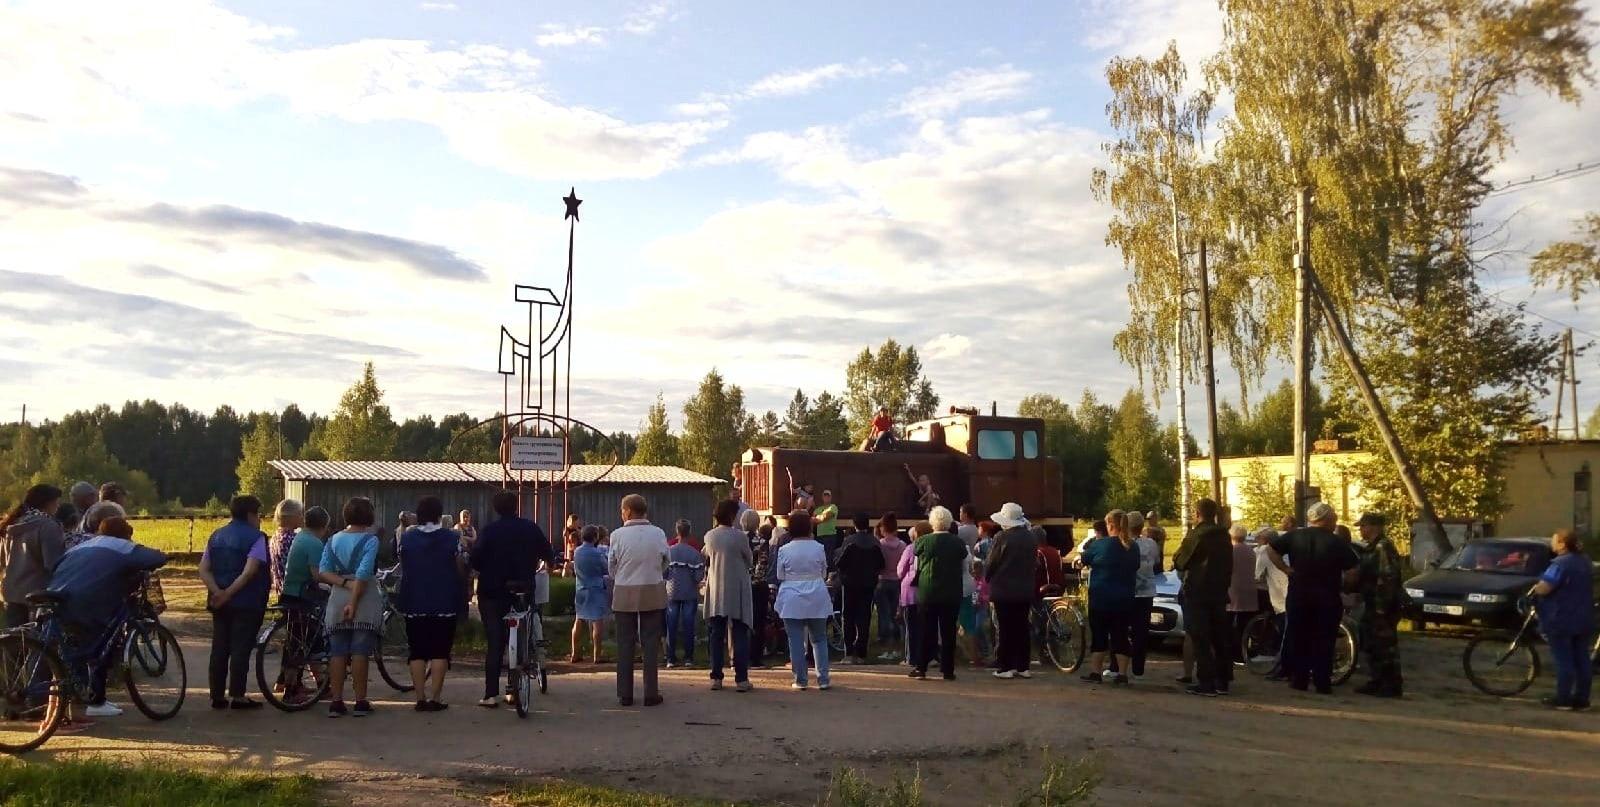 Жители Каринторфа требуют открыть понтонный мост через Чепцу